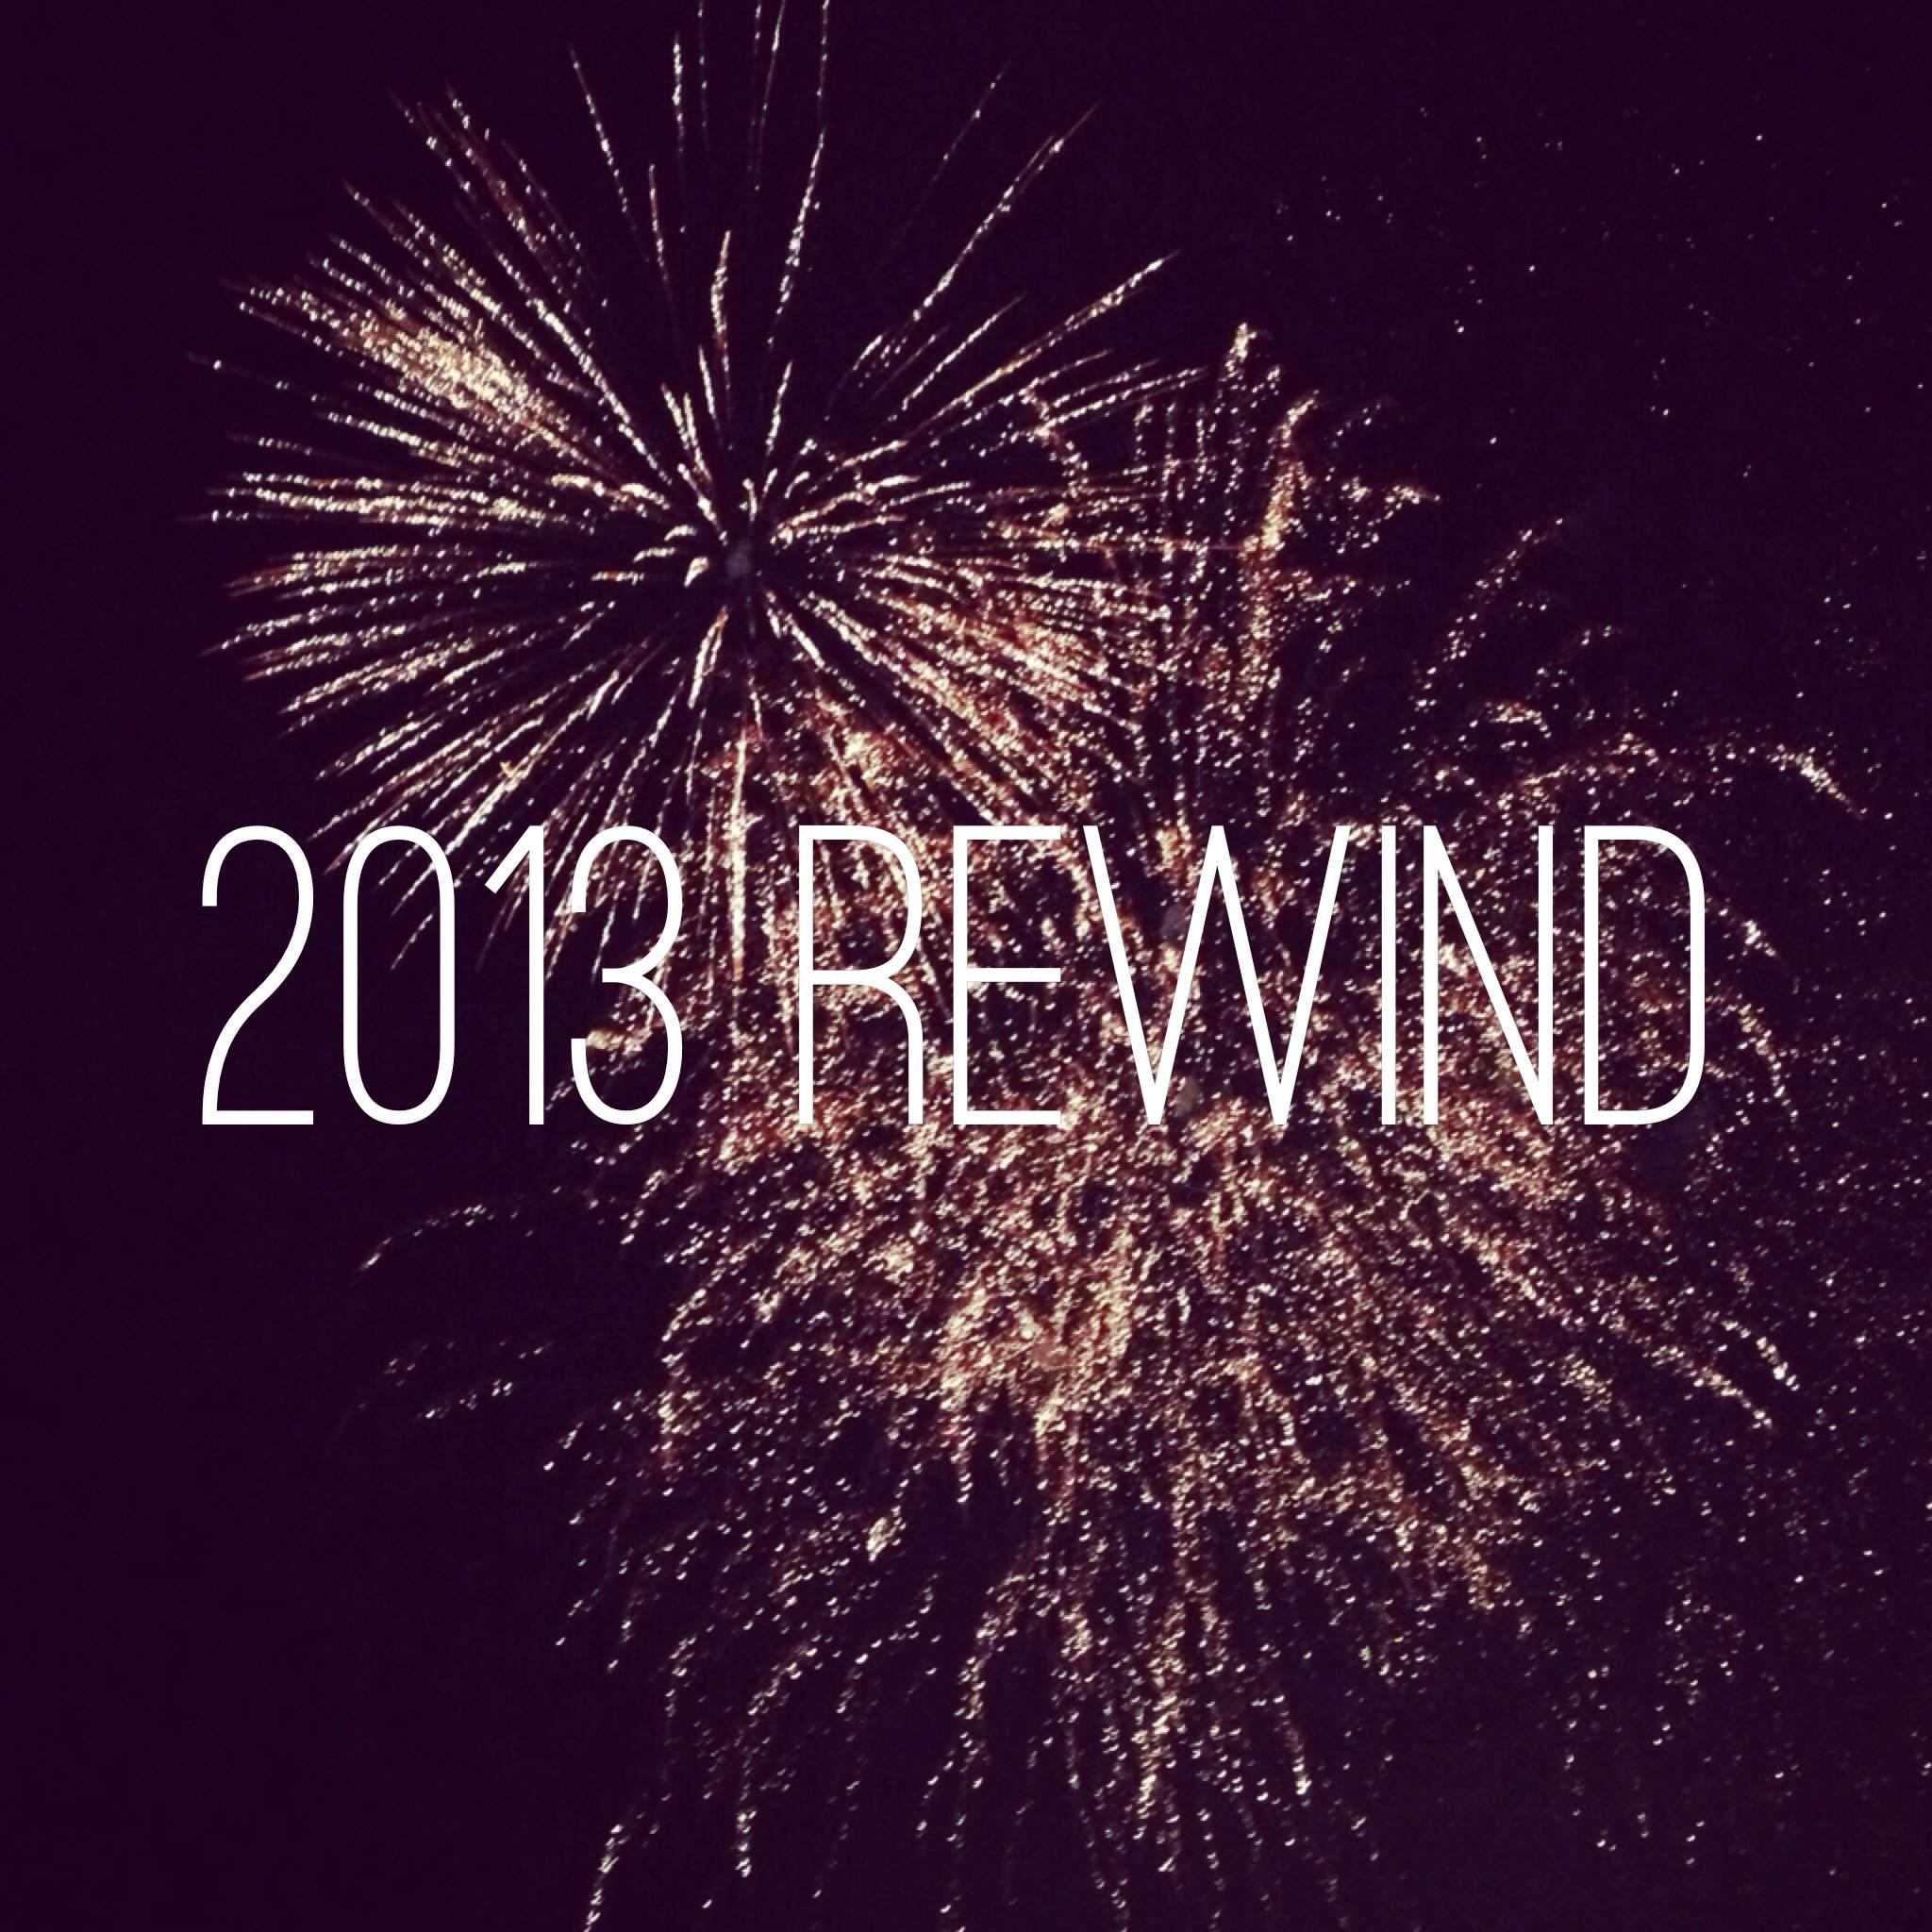 2013 Rewind